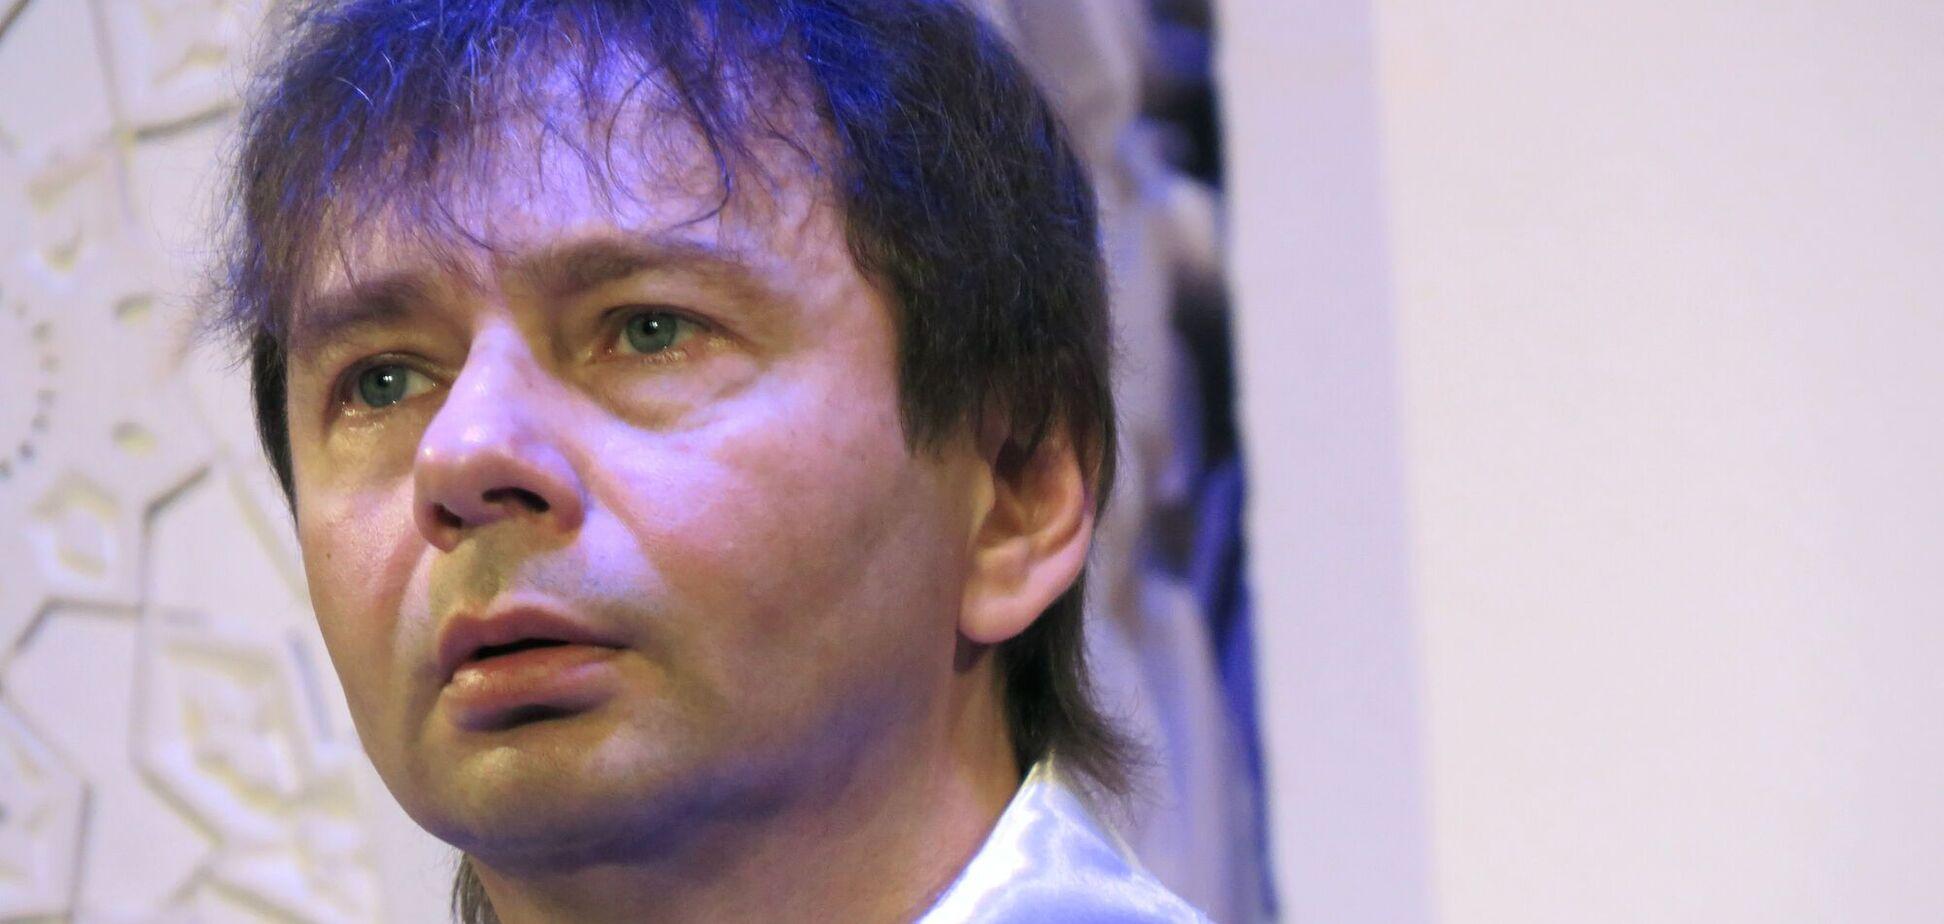 Обвинявшийся в педофилии Завадский выиграл дело против Украины в Европейском суде